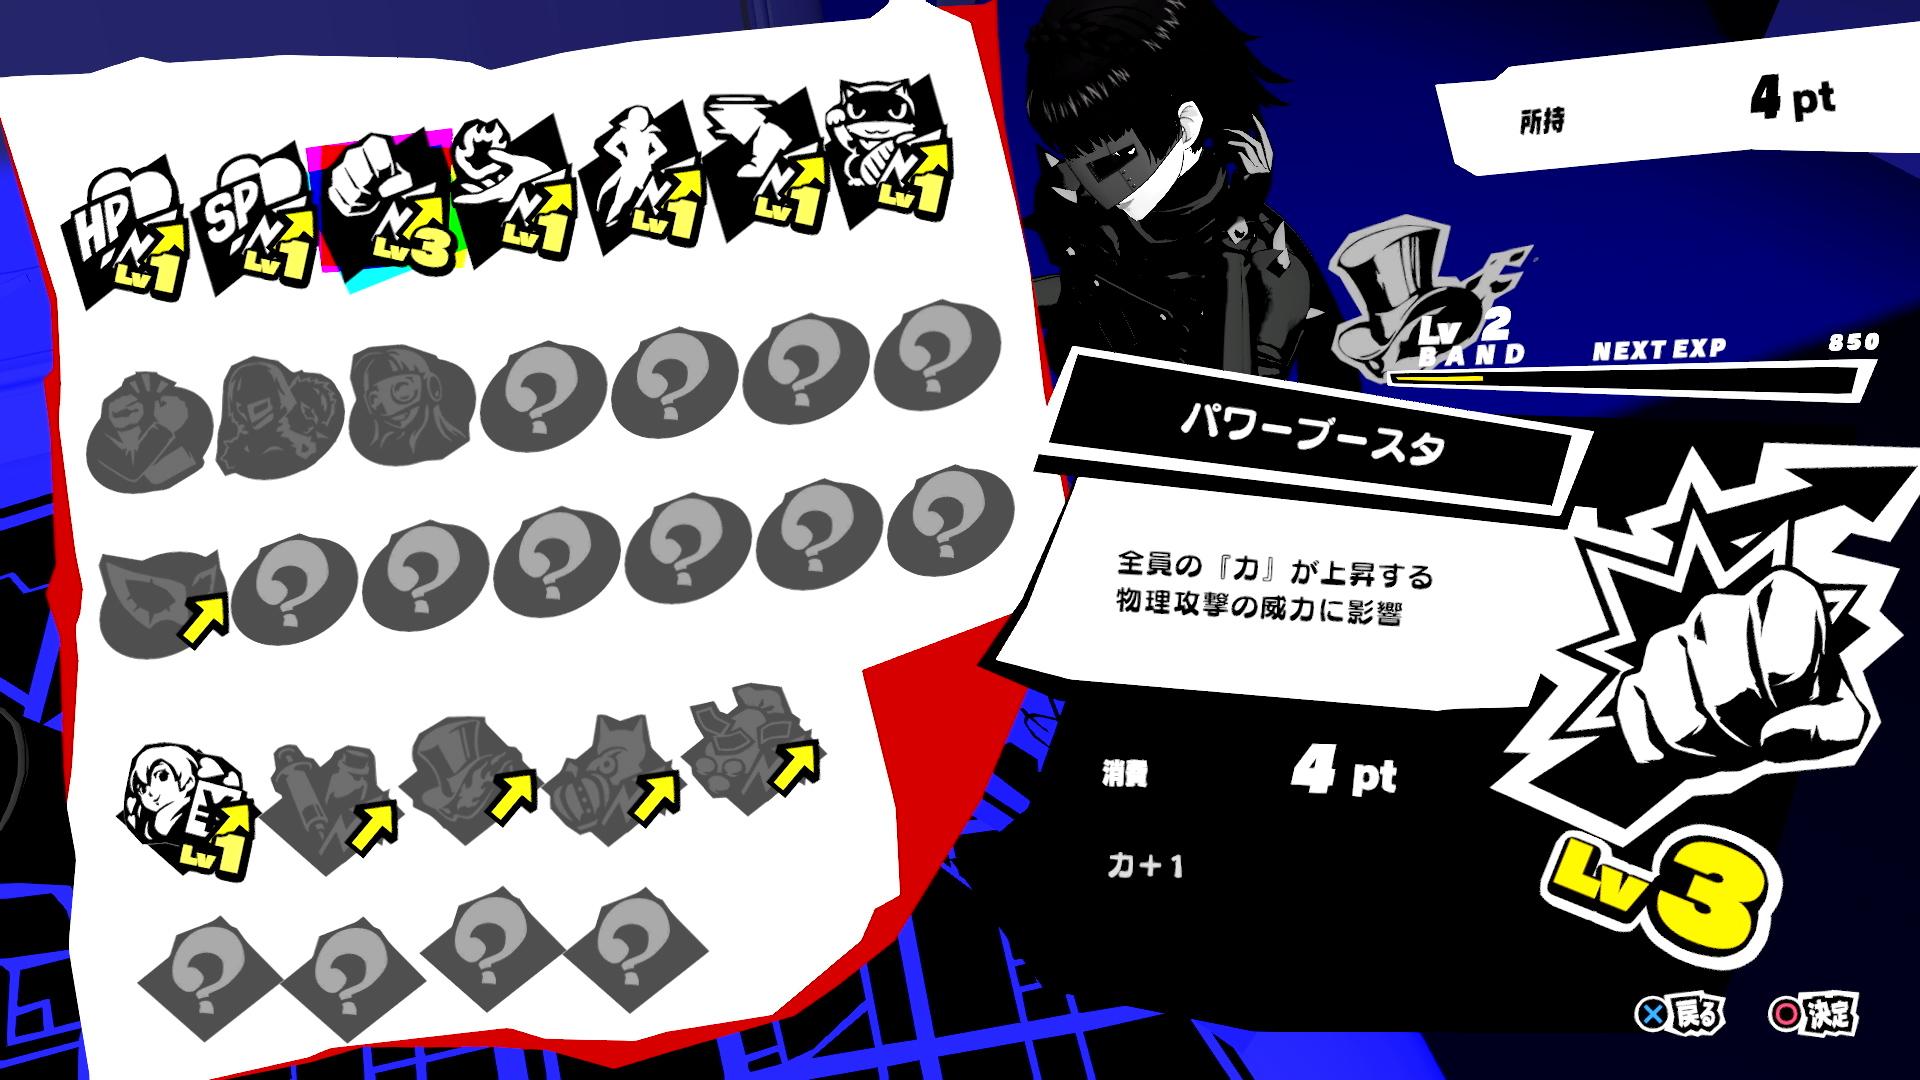 Persona 5 Royal Character Growth